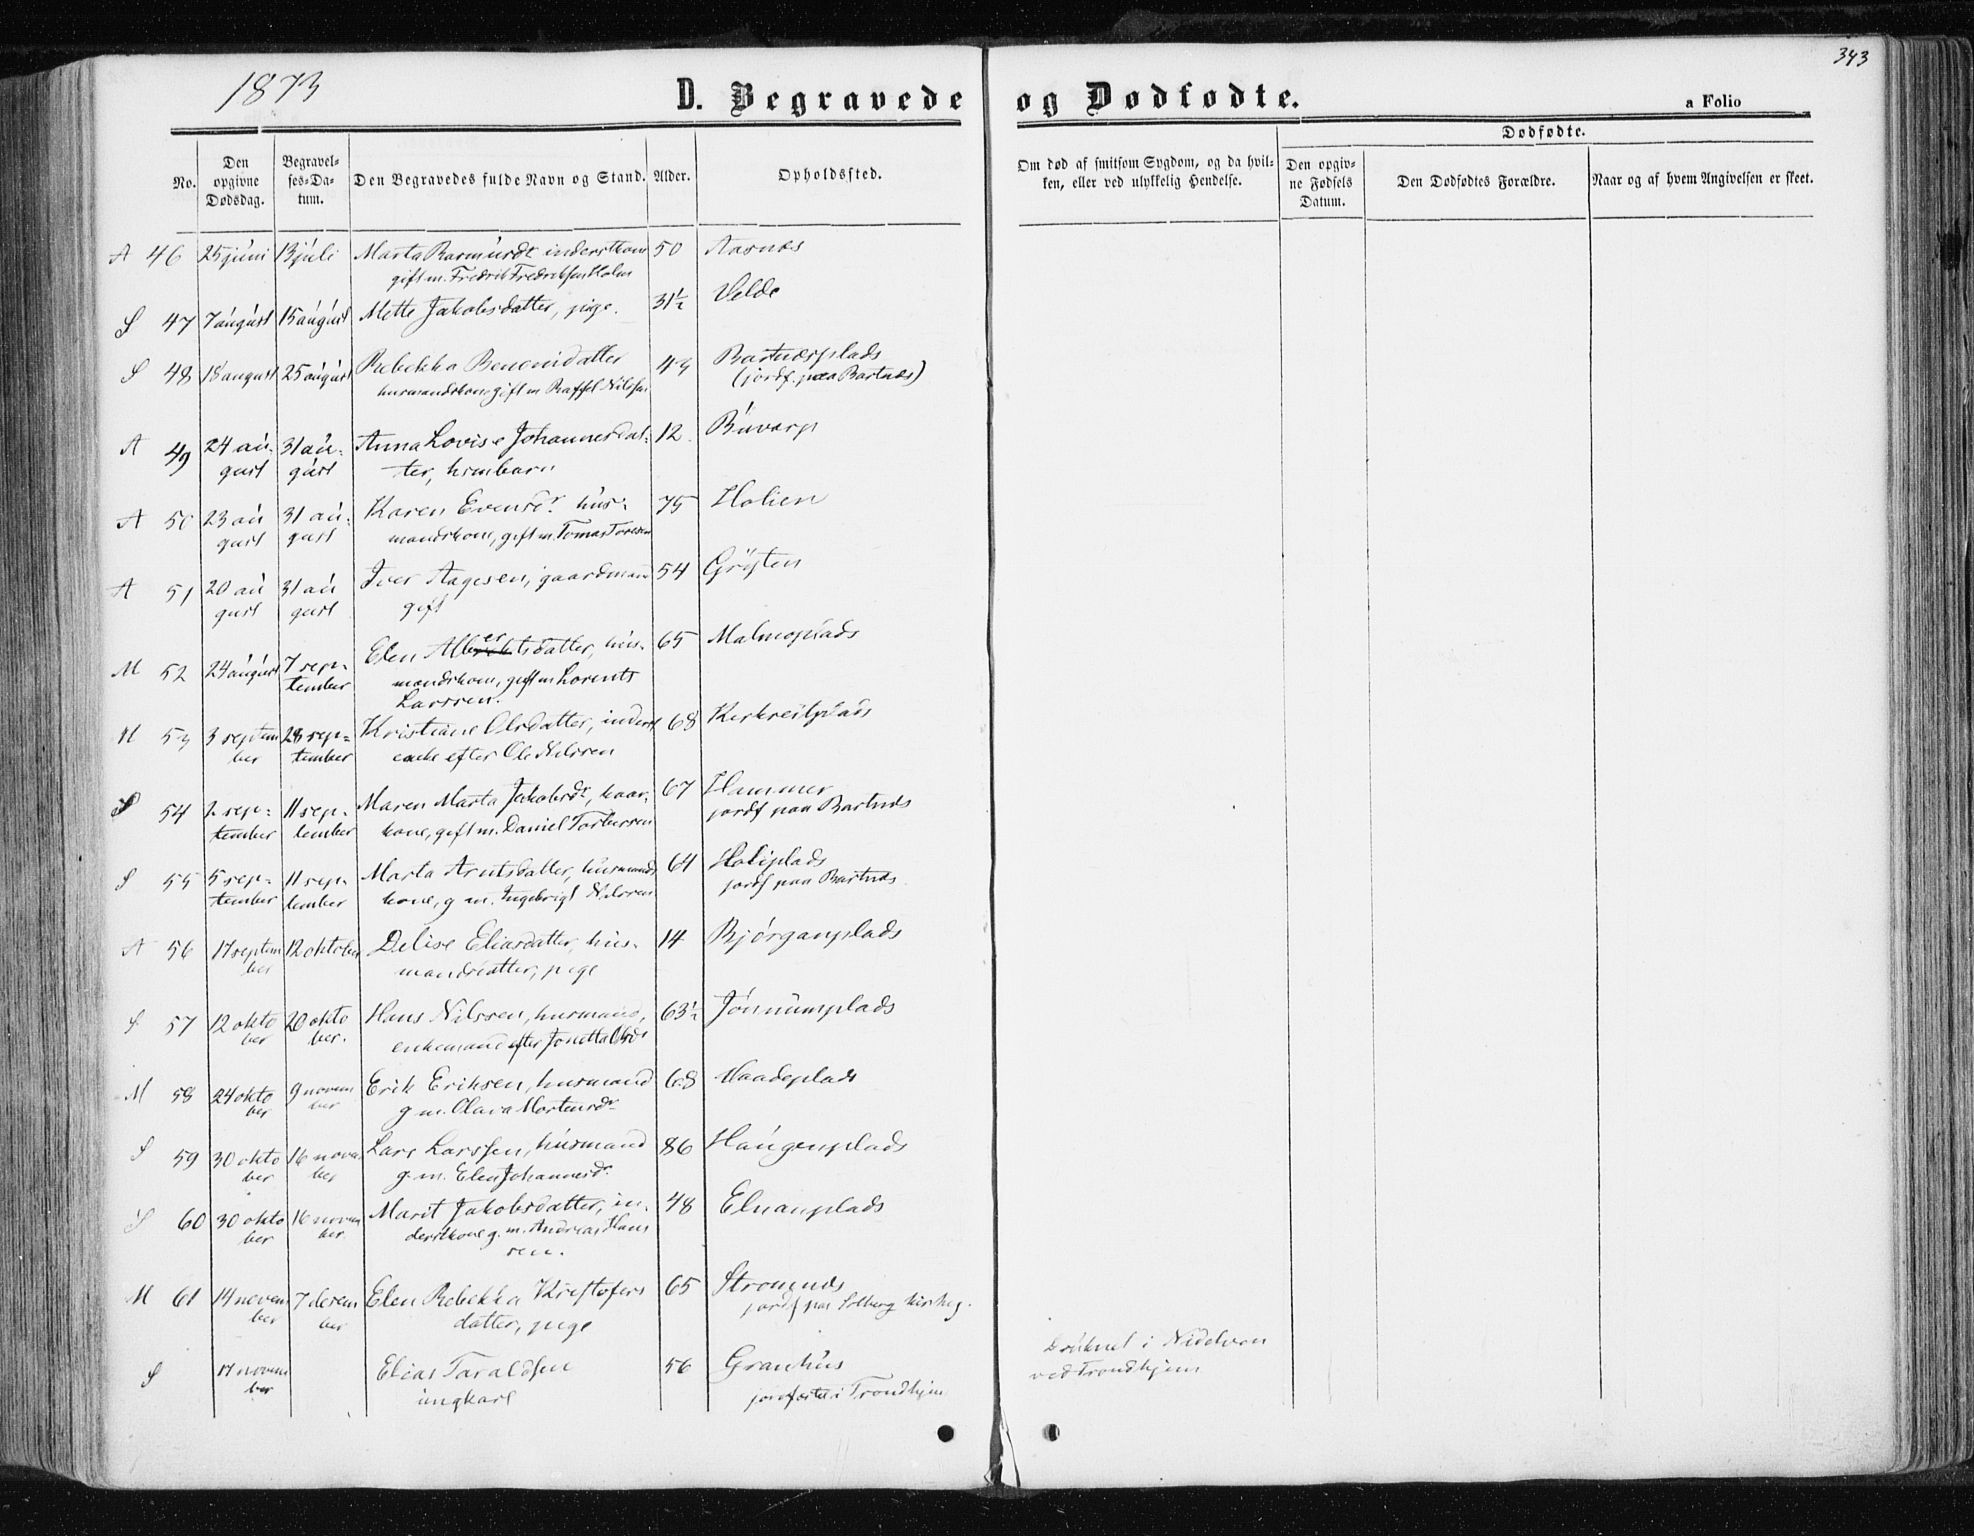 SAT, Ministerialprotokoller, klokkerbøker og fødselsregistre - Nord-Trøndelag, 741/L0394: Ministerialbok nr. 741A08, 1864-1877, s. 343